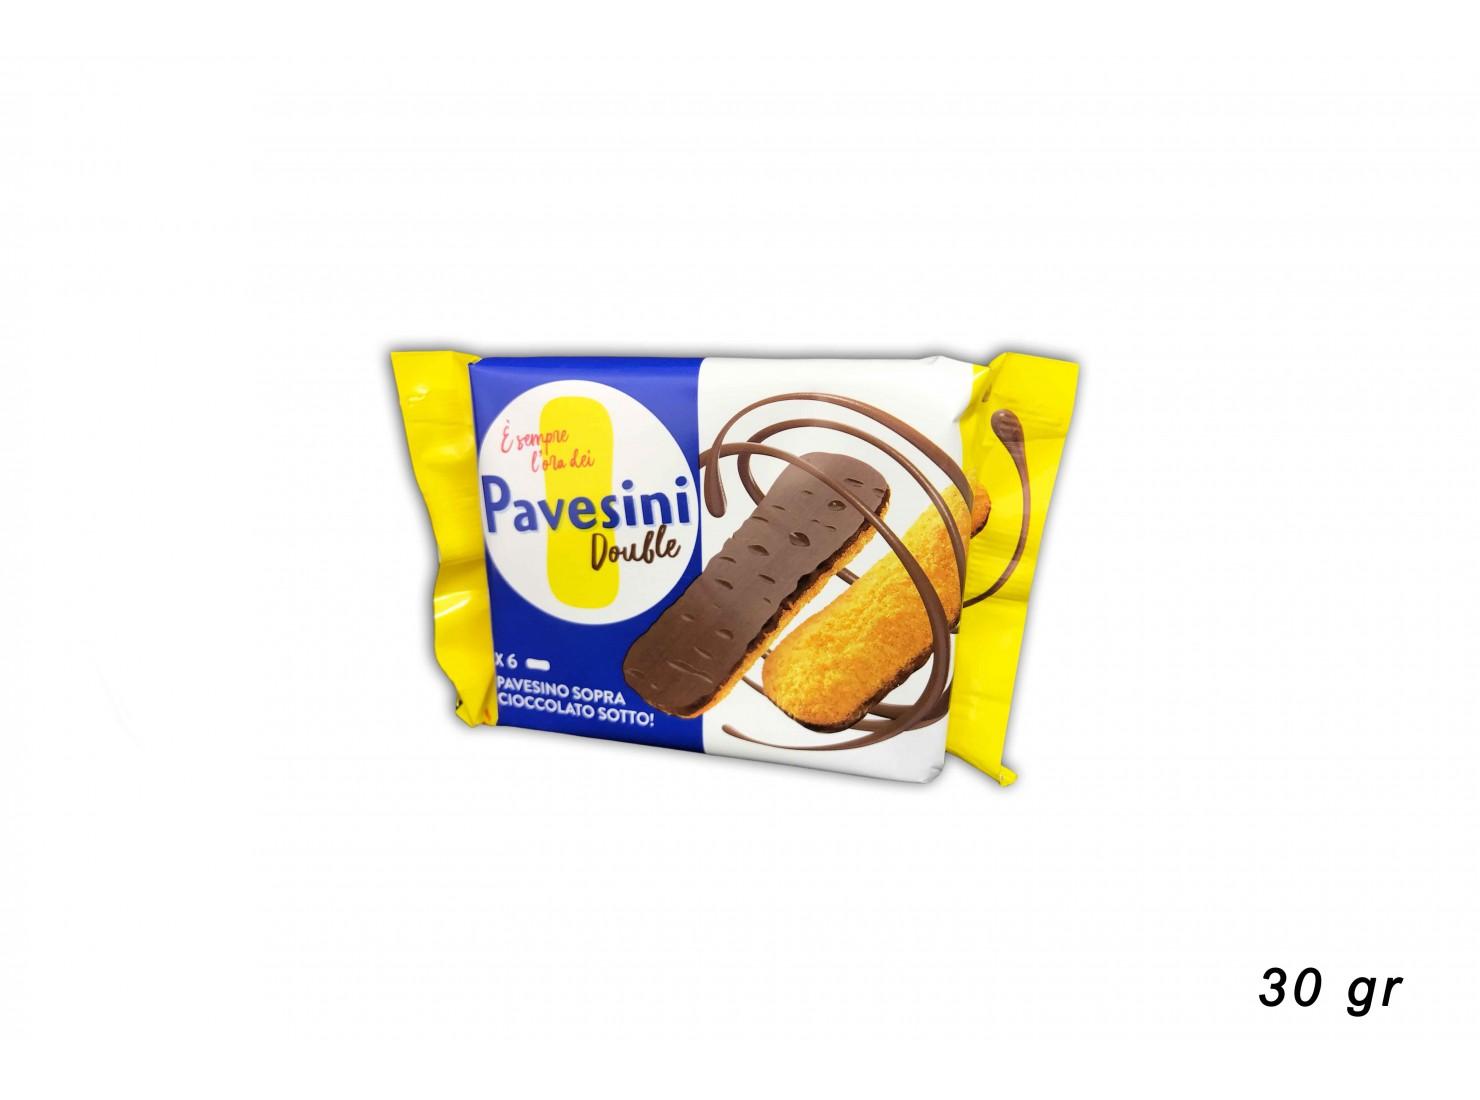 PAVESINI DOUBLE 30 GR